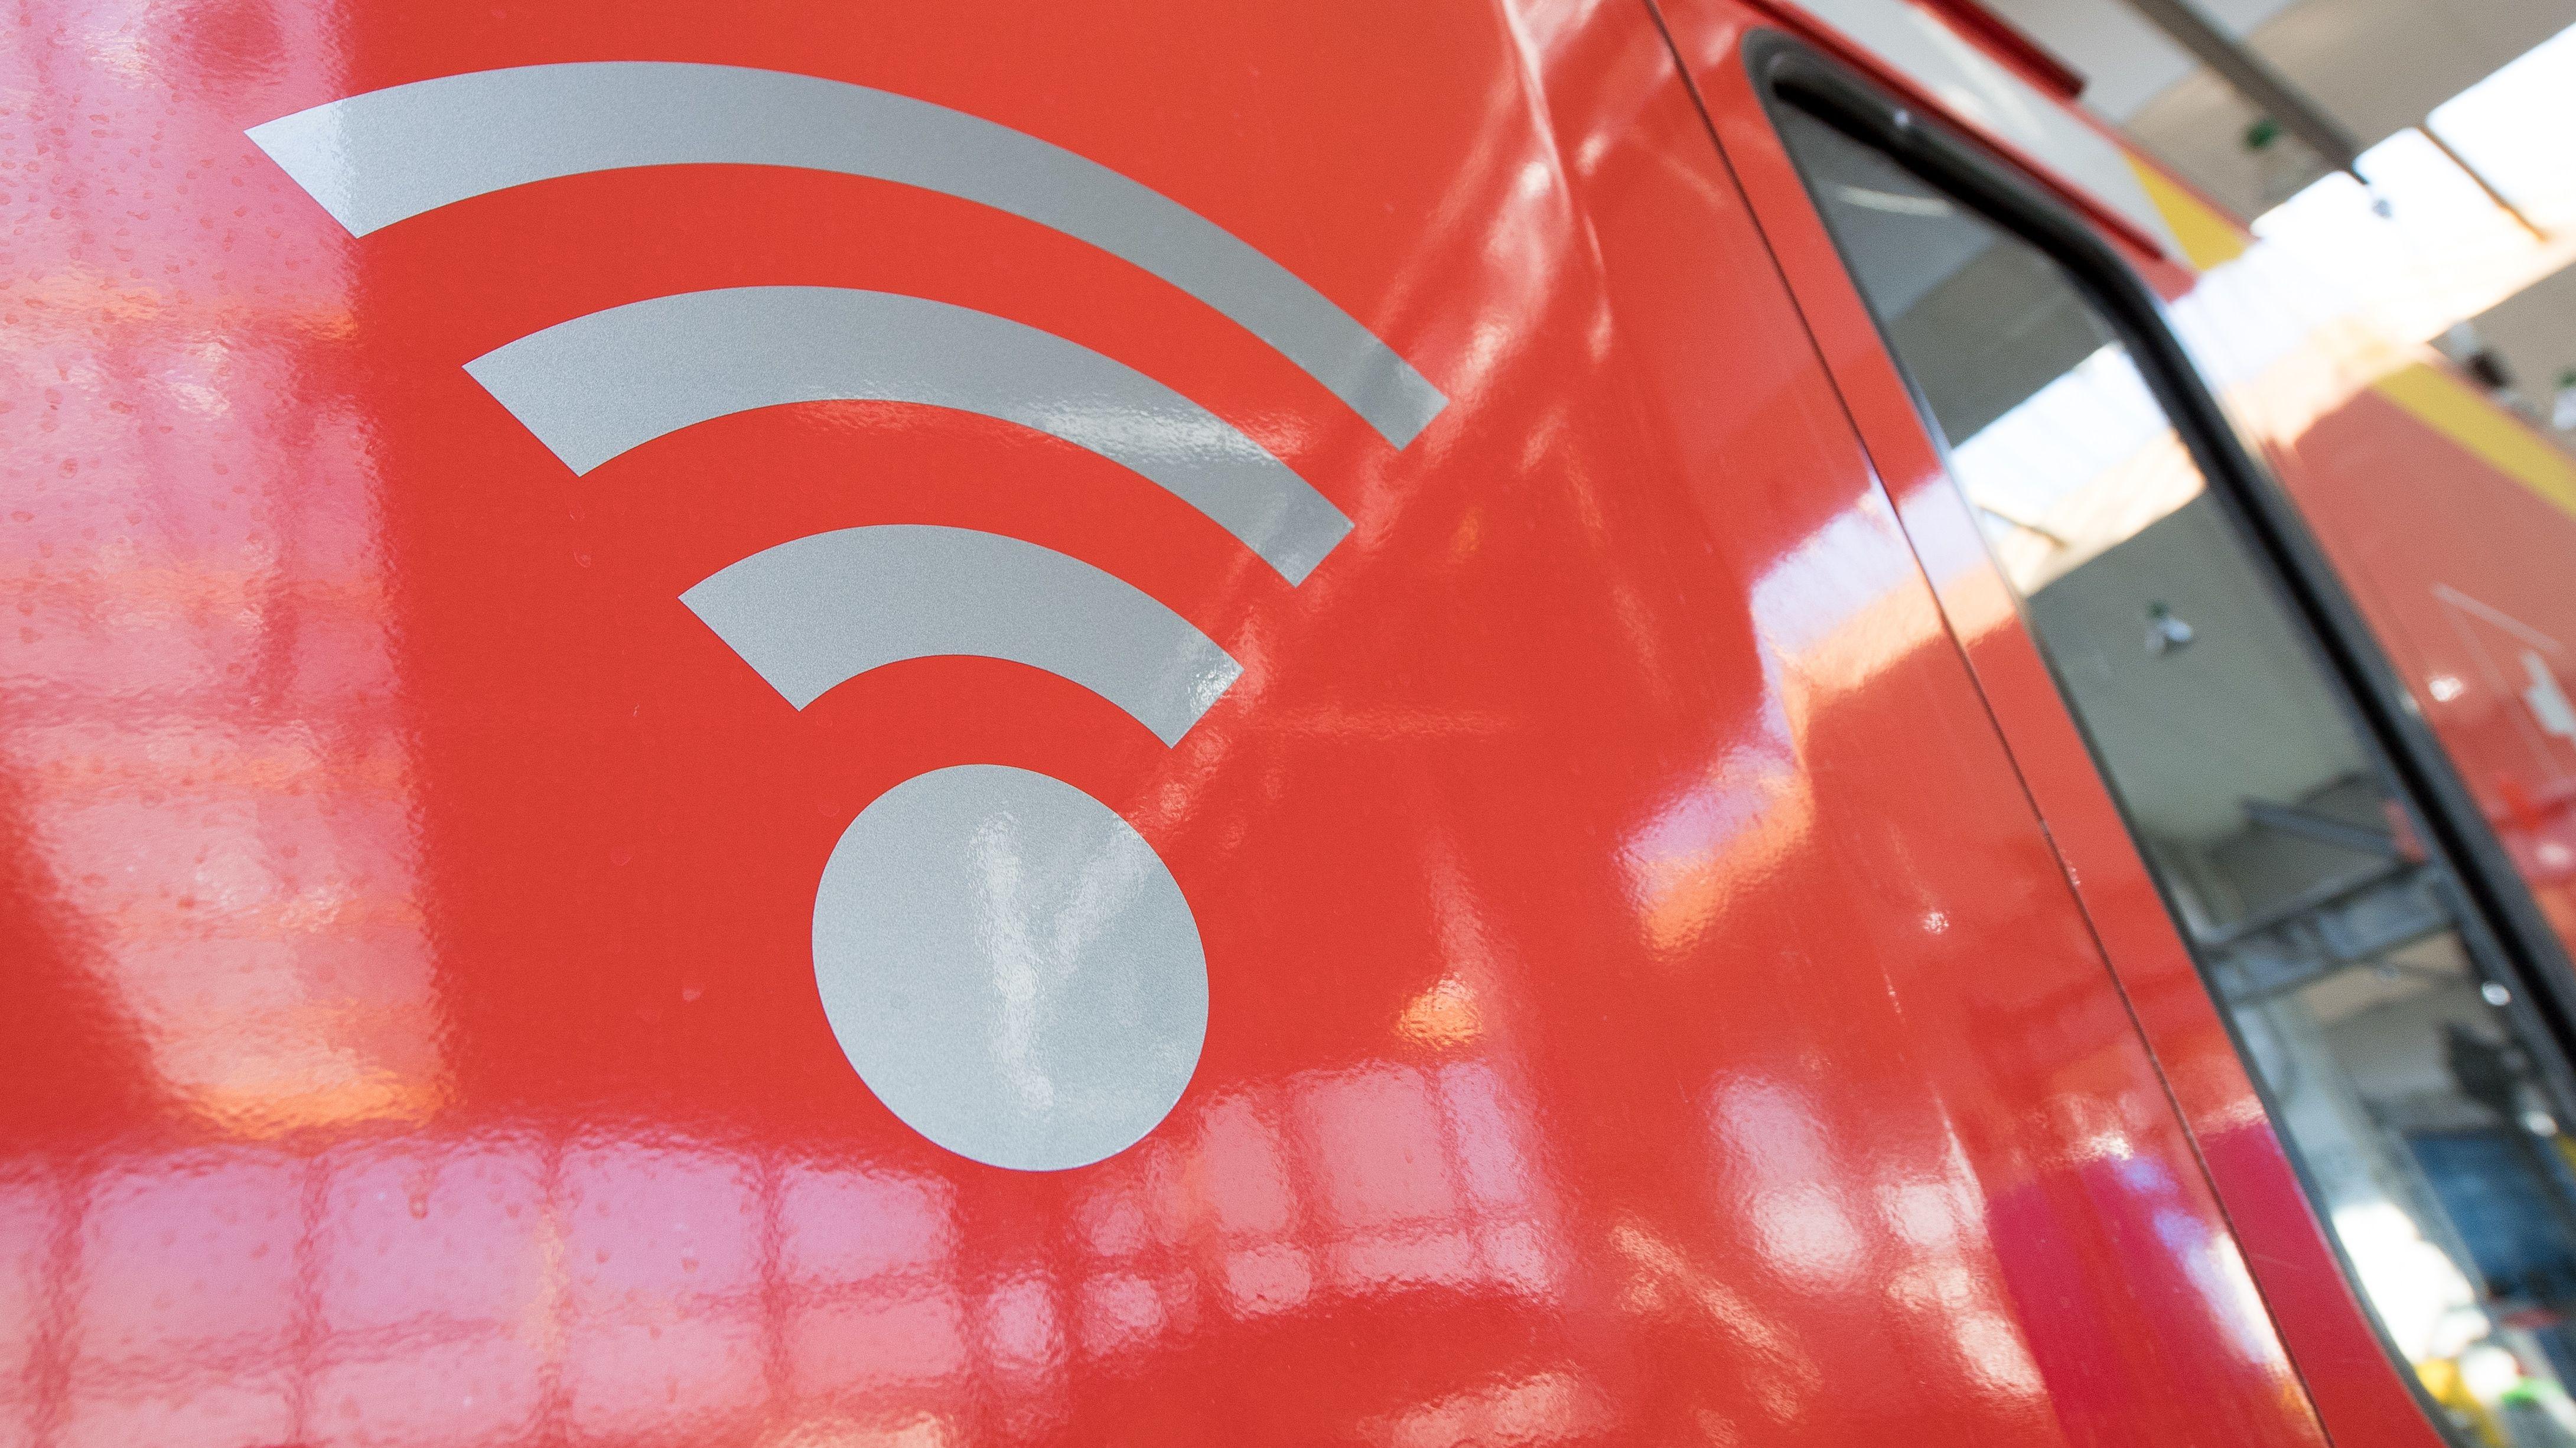 WLAN-Symbol an einer S-Bahn